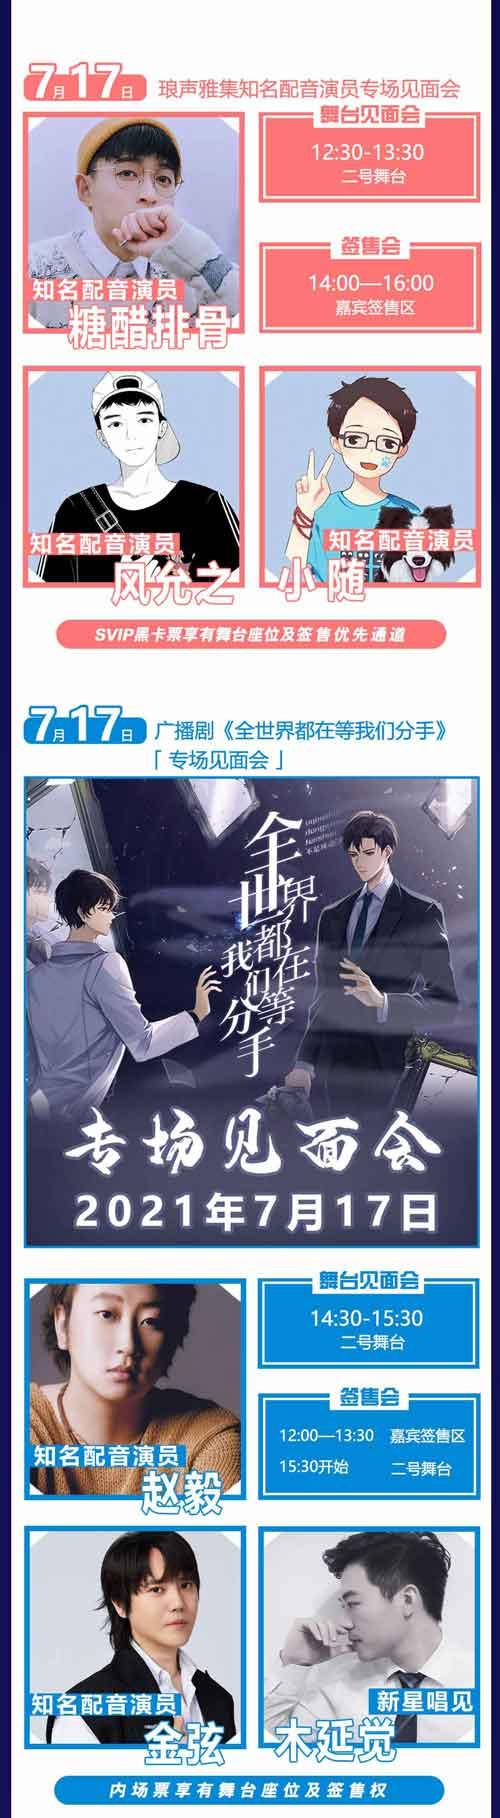 暑假嗨玩第四届IJOYxCGF北京大型二次元狂欢节